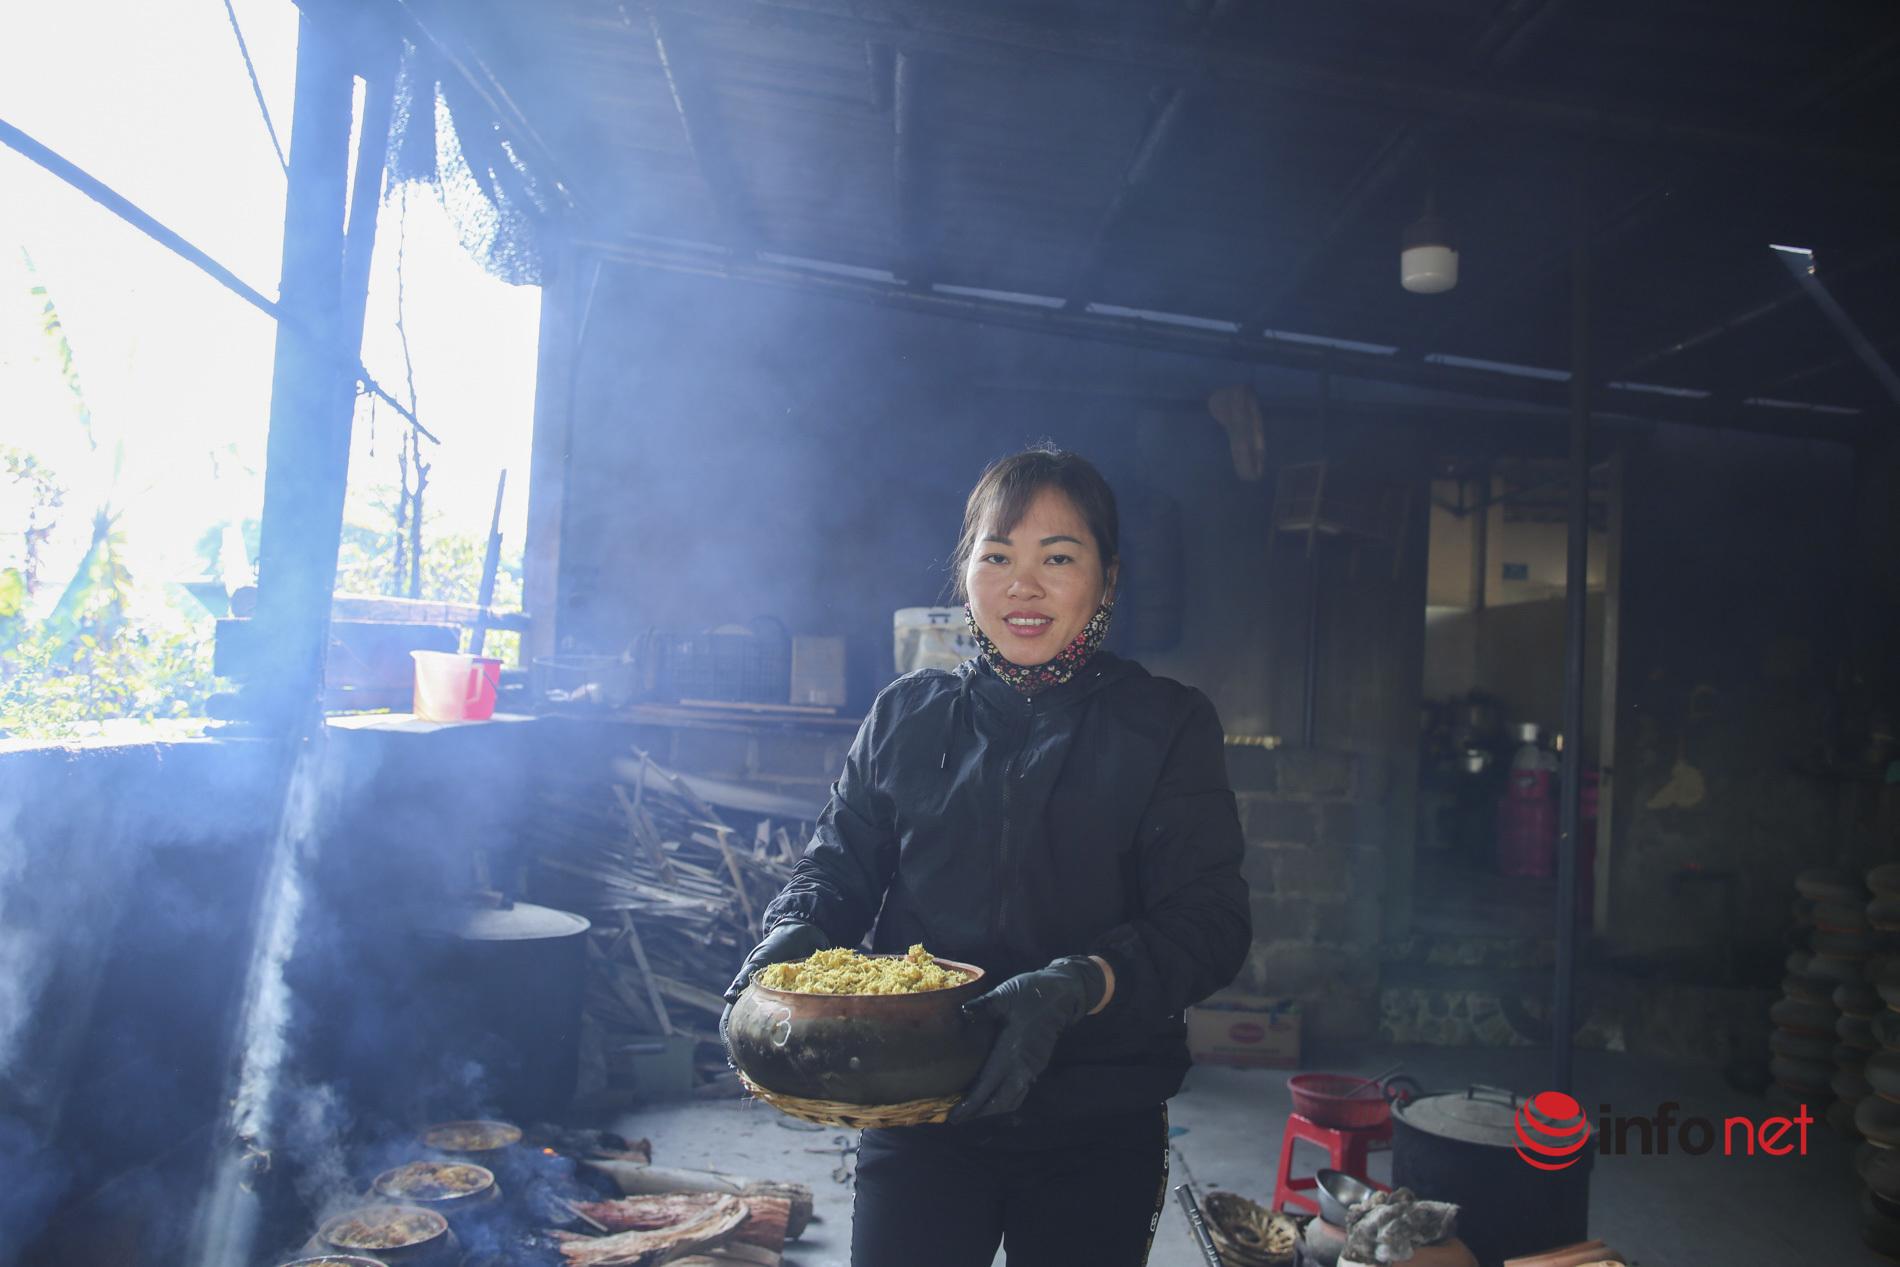 Về làng 'Vũ Đại' thăm nhà 'Bá Kiến', thưởng thức món cá kho thơm nức